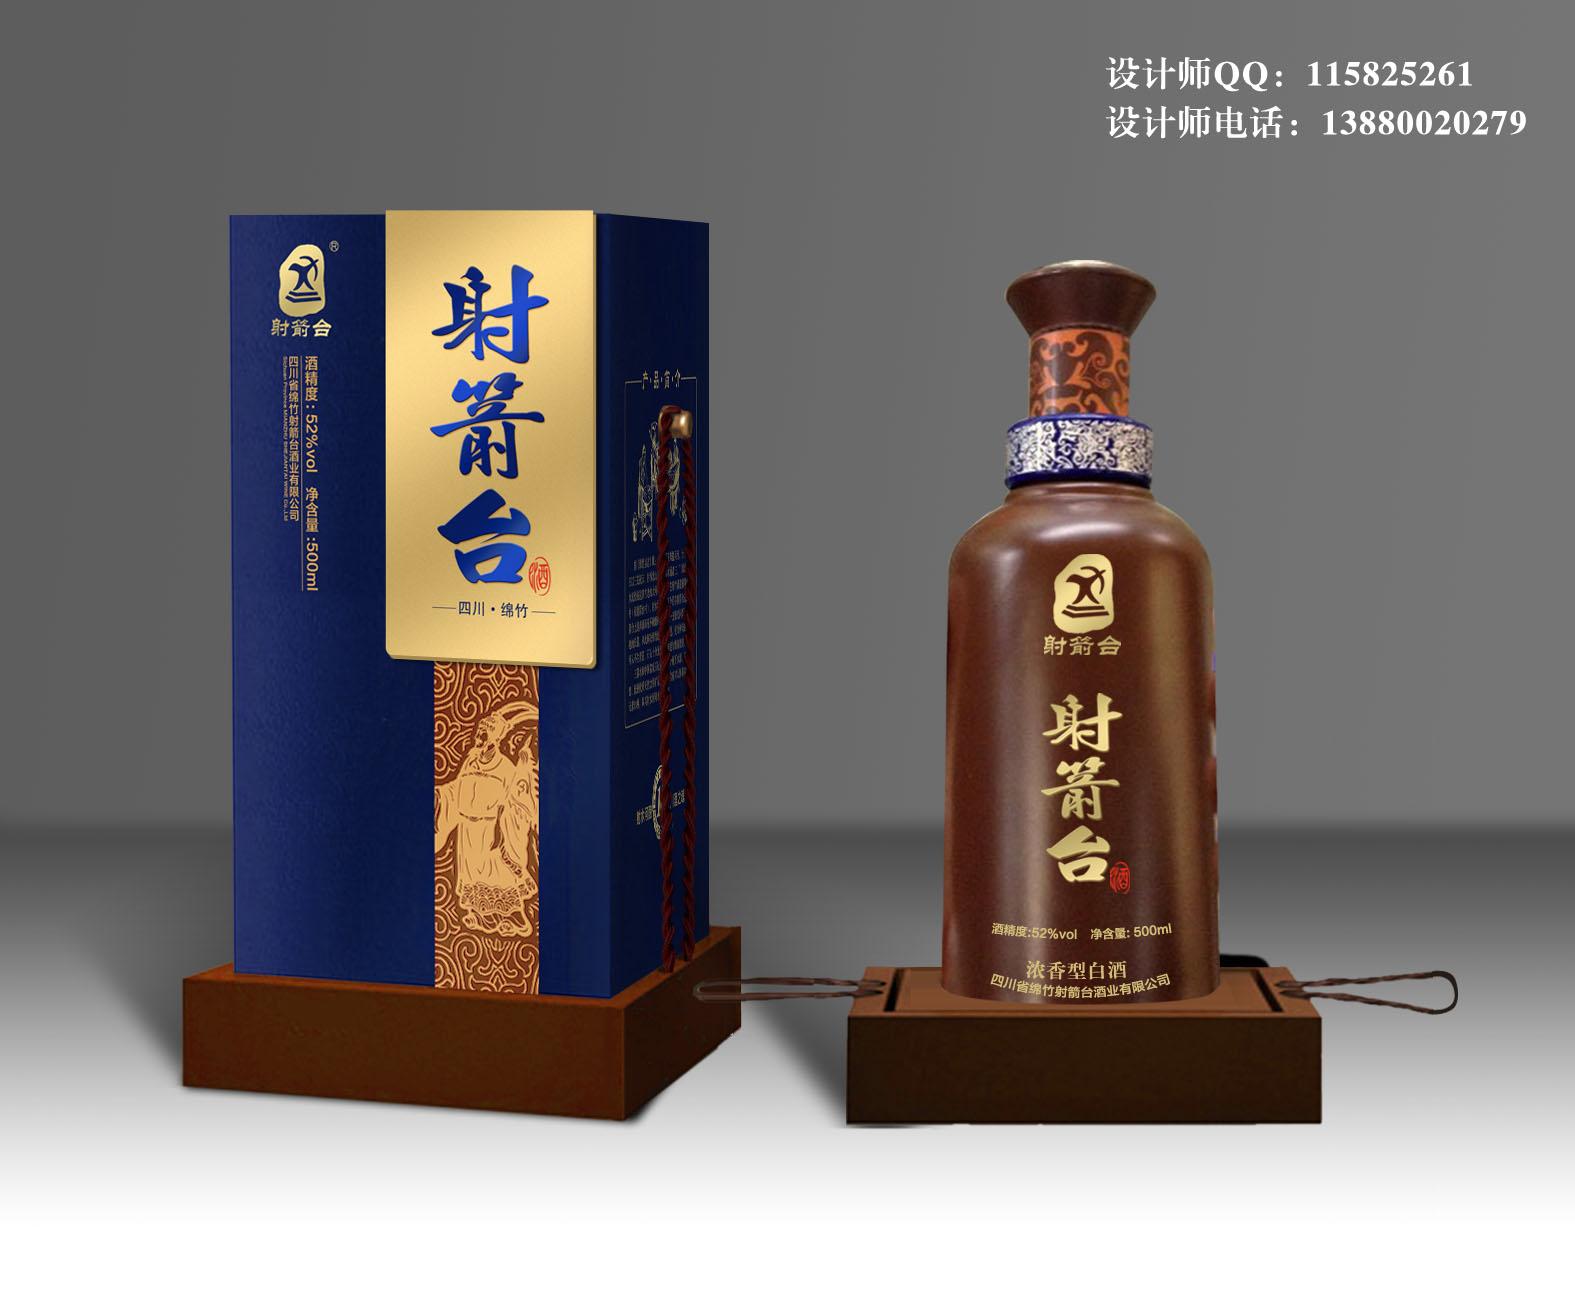 射箭台酒-酒瓶外观及包装设计